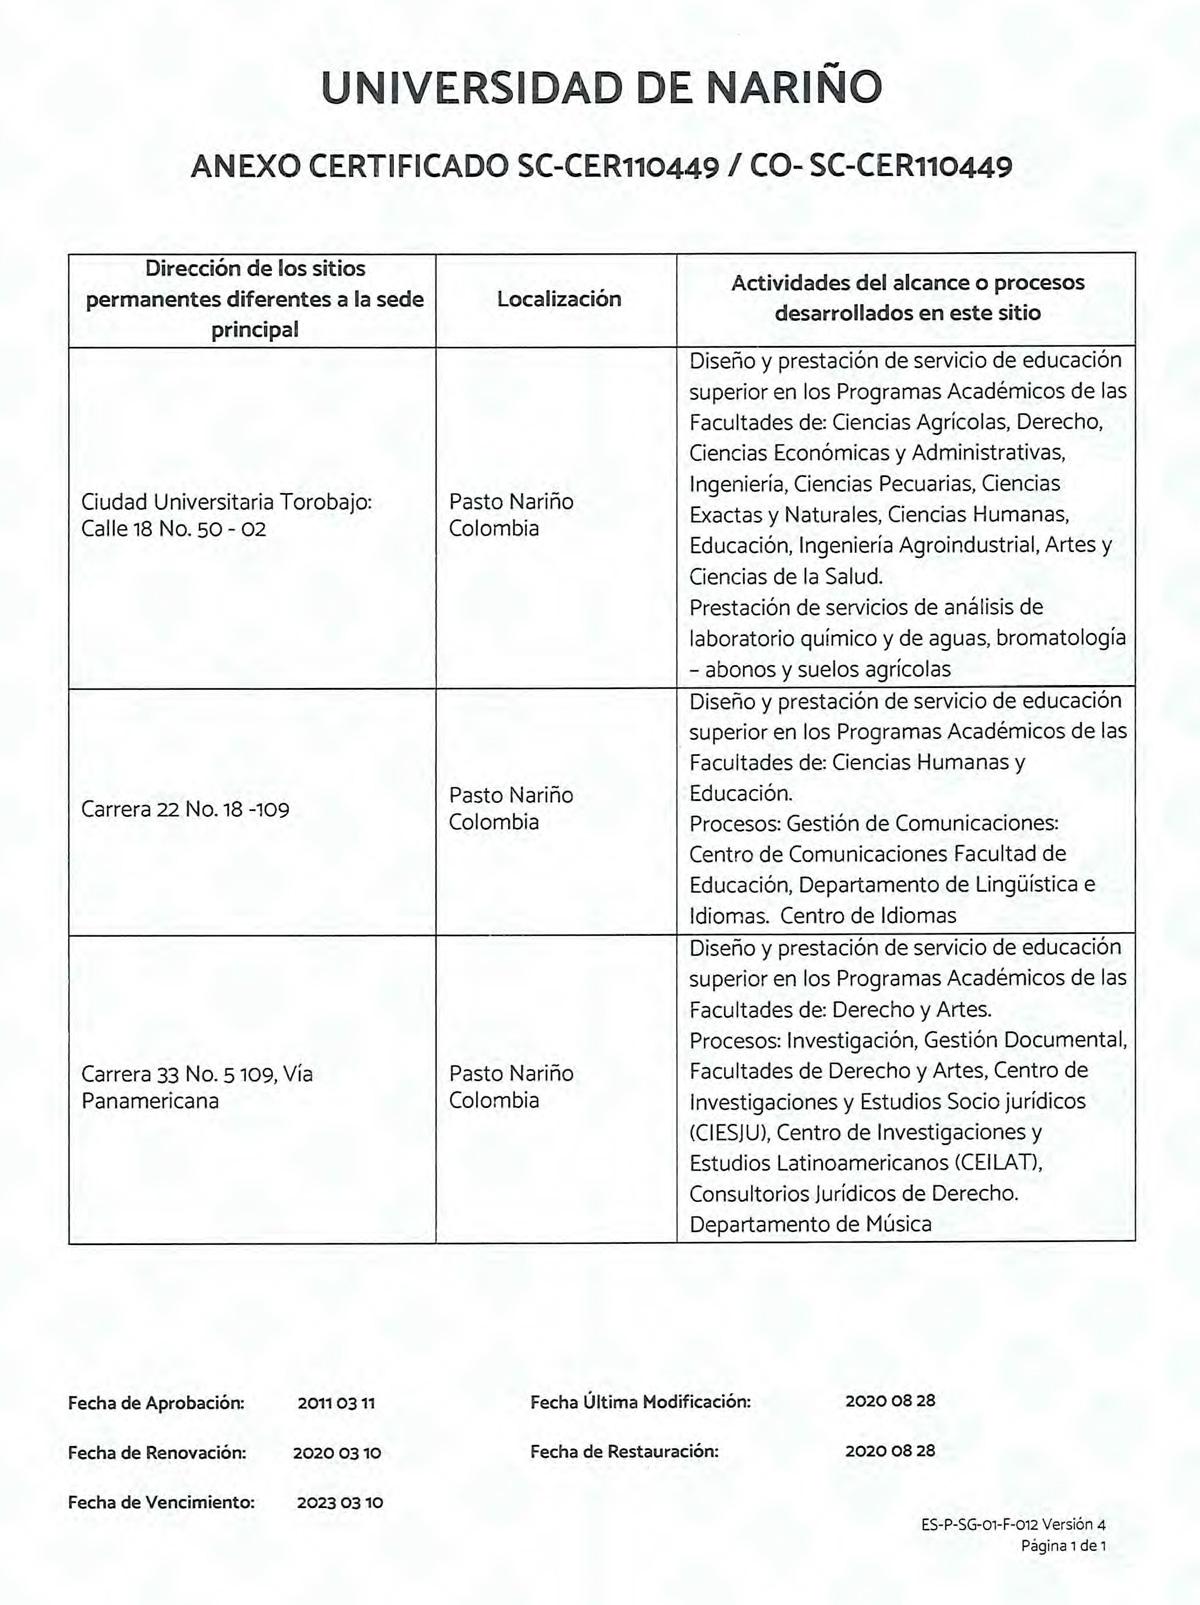 Certificado-Renovacion-Universidad-de-Nariño-3